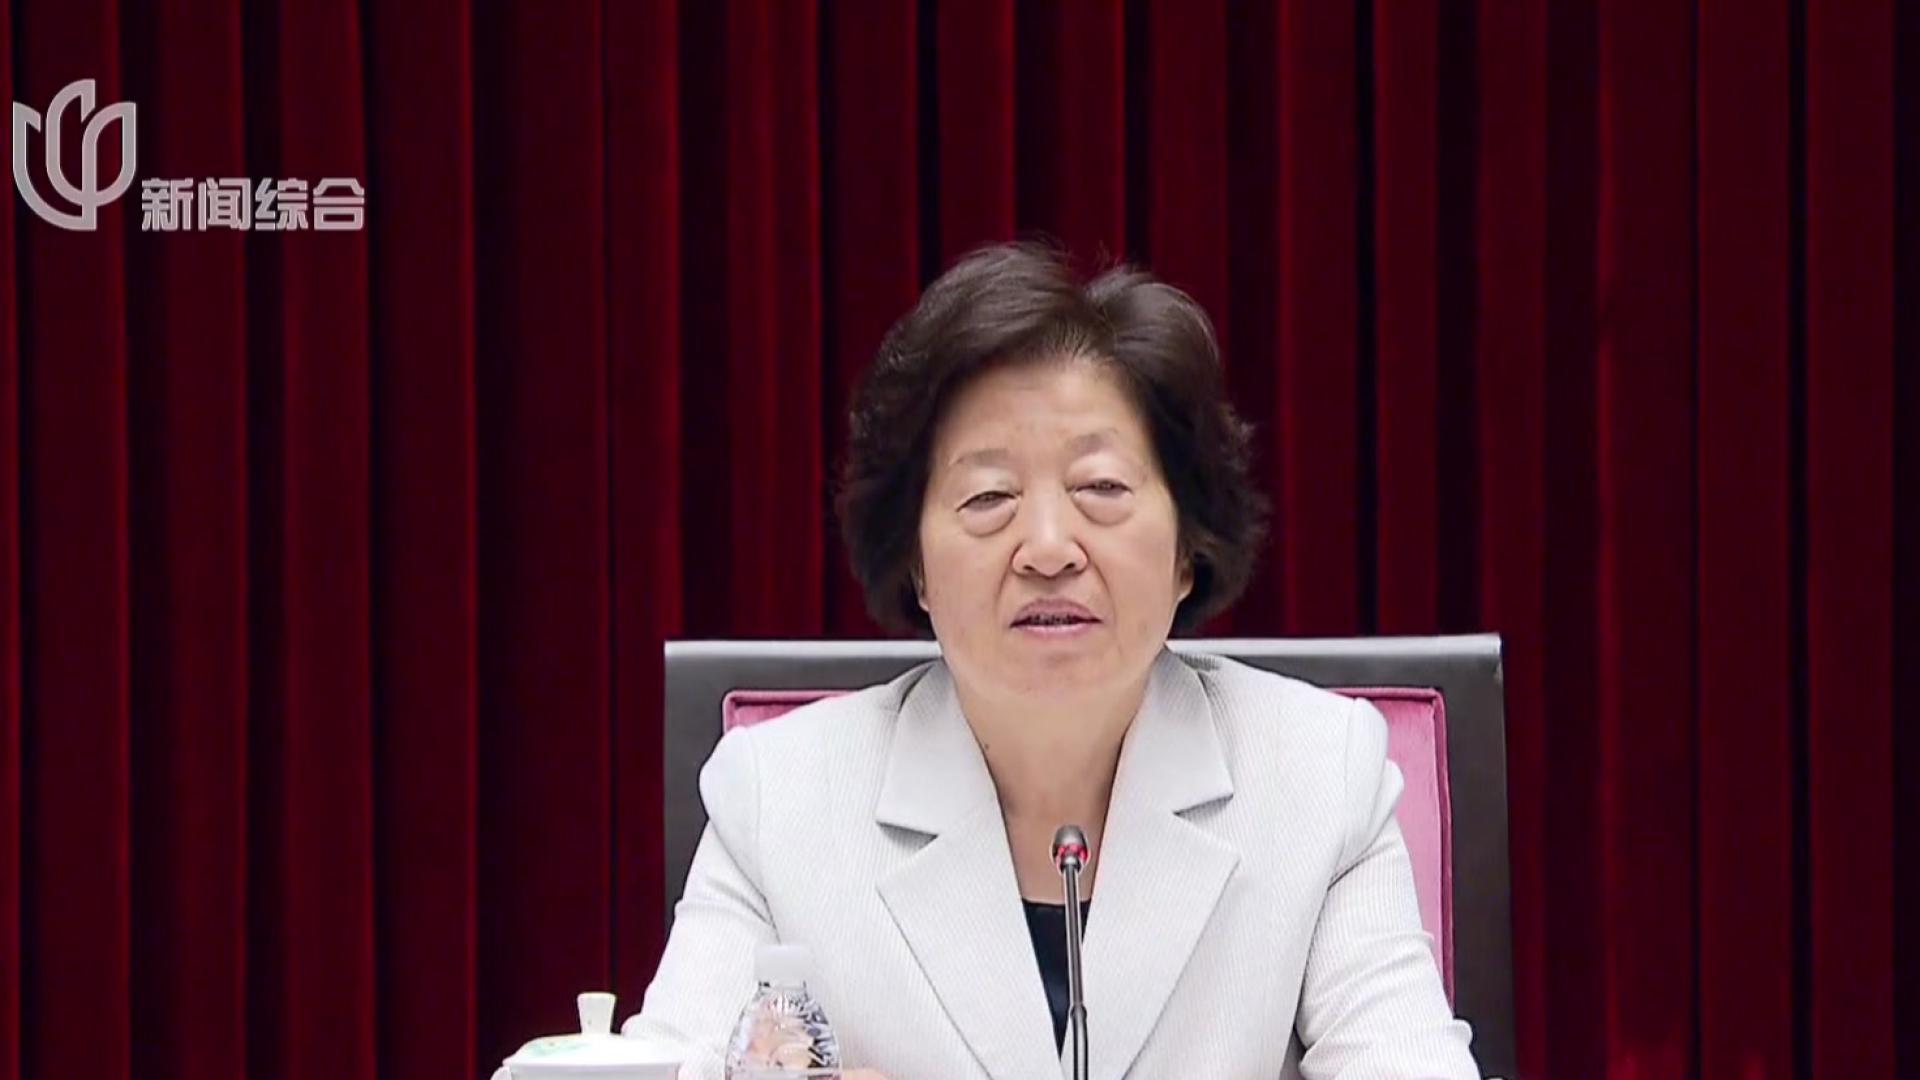 孙春兰在上海调研时强调  加强高校创新能力开放合作  更好服务党和国家工作大局